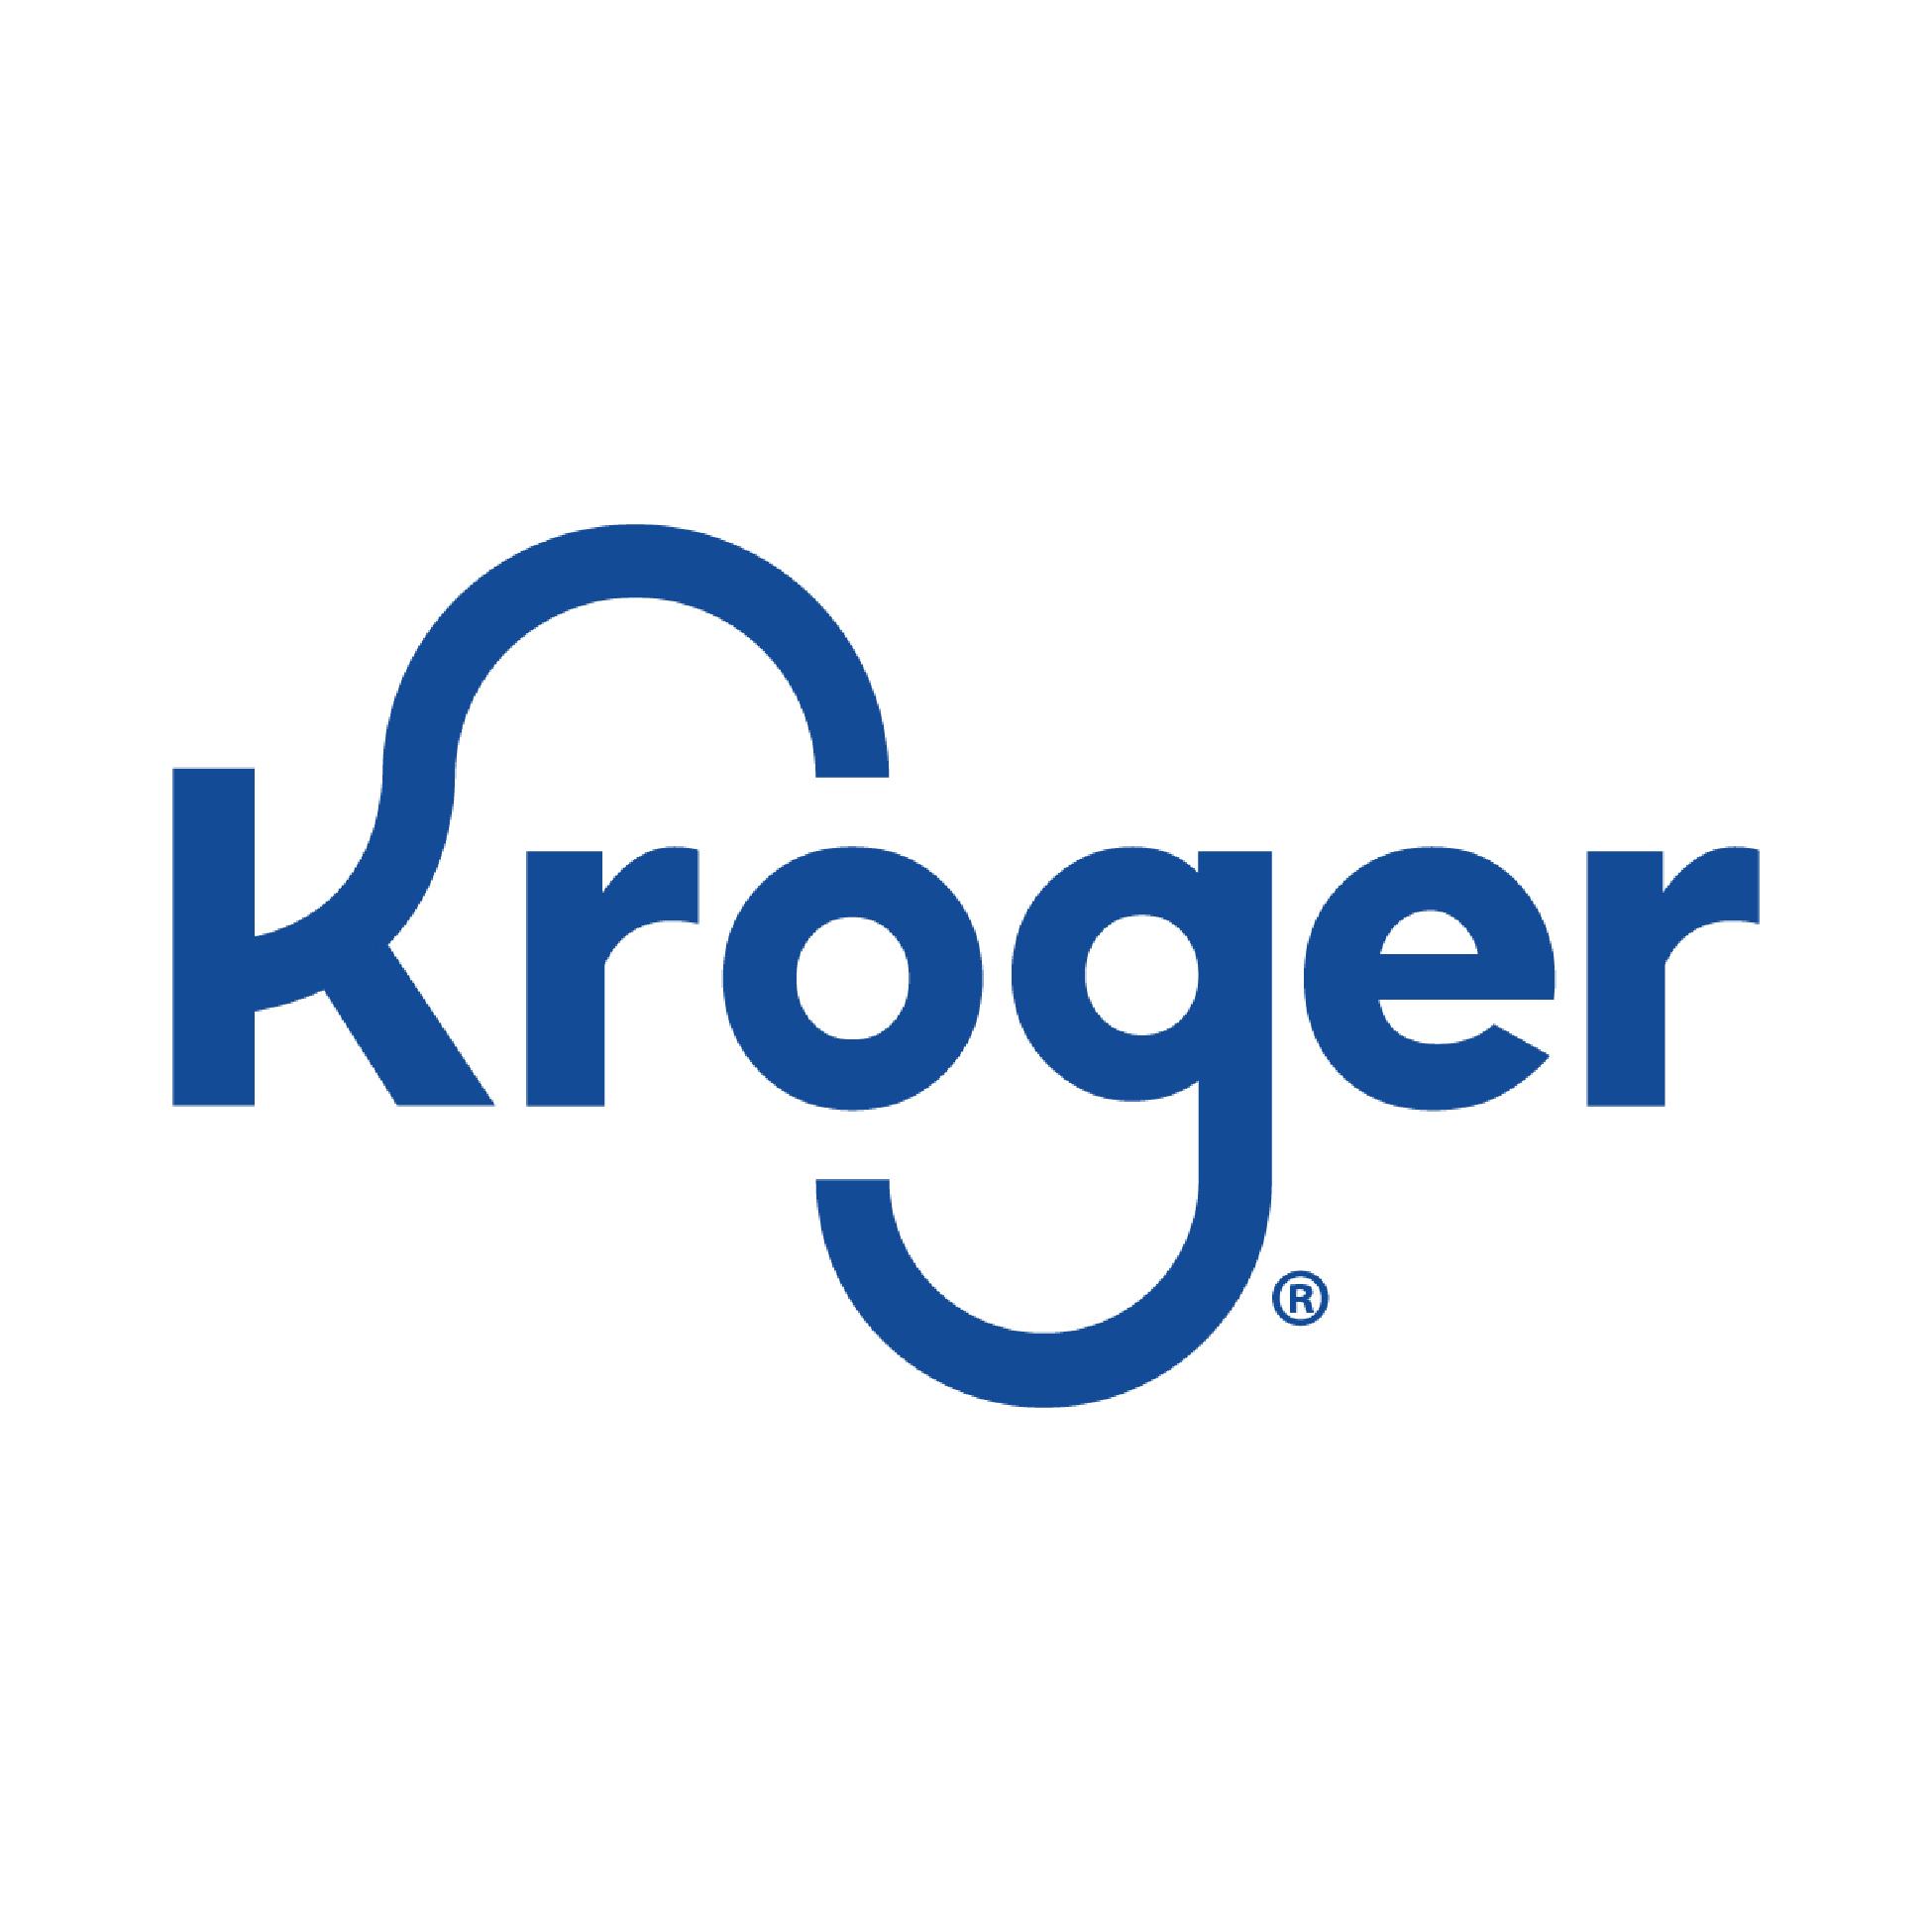 Kroger Delivery Now logo